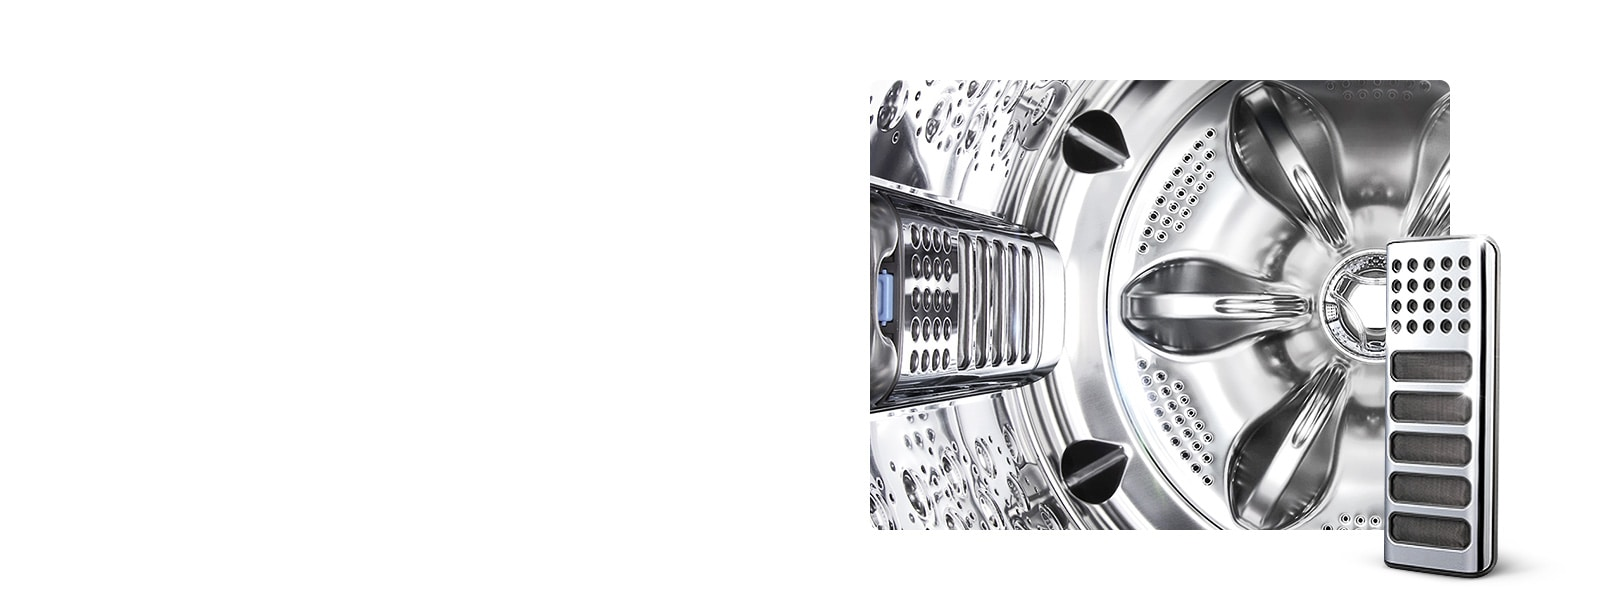 WM-SapienceHEDD-BlackSteel-09-Full-Stainless-Steel-tub-Desktop